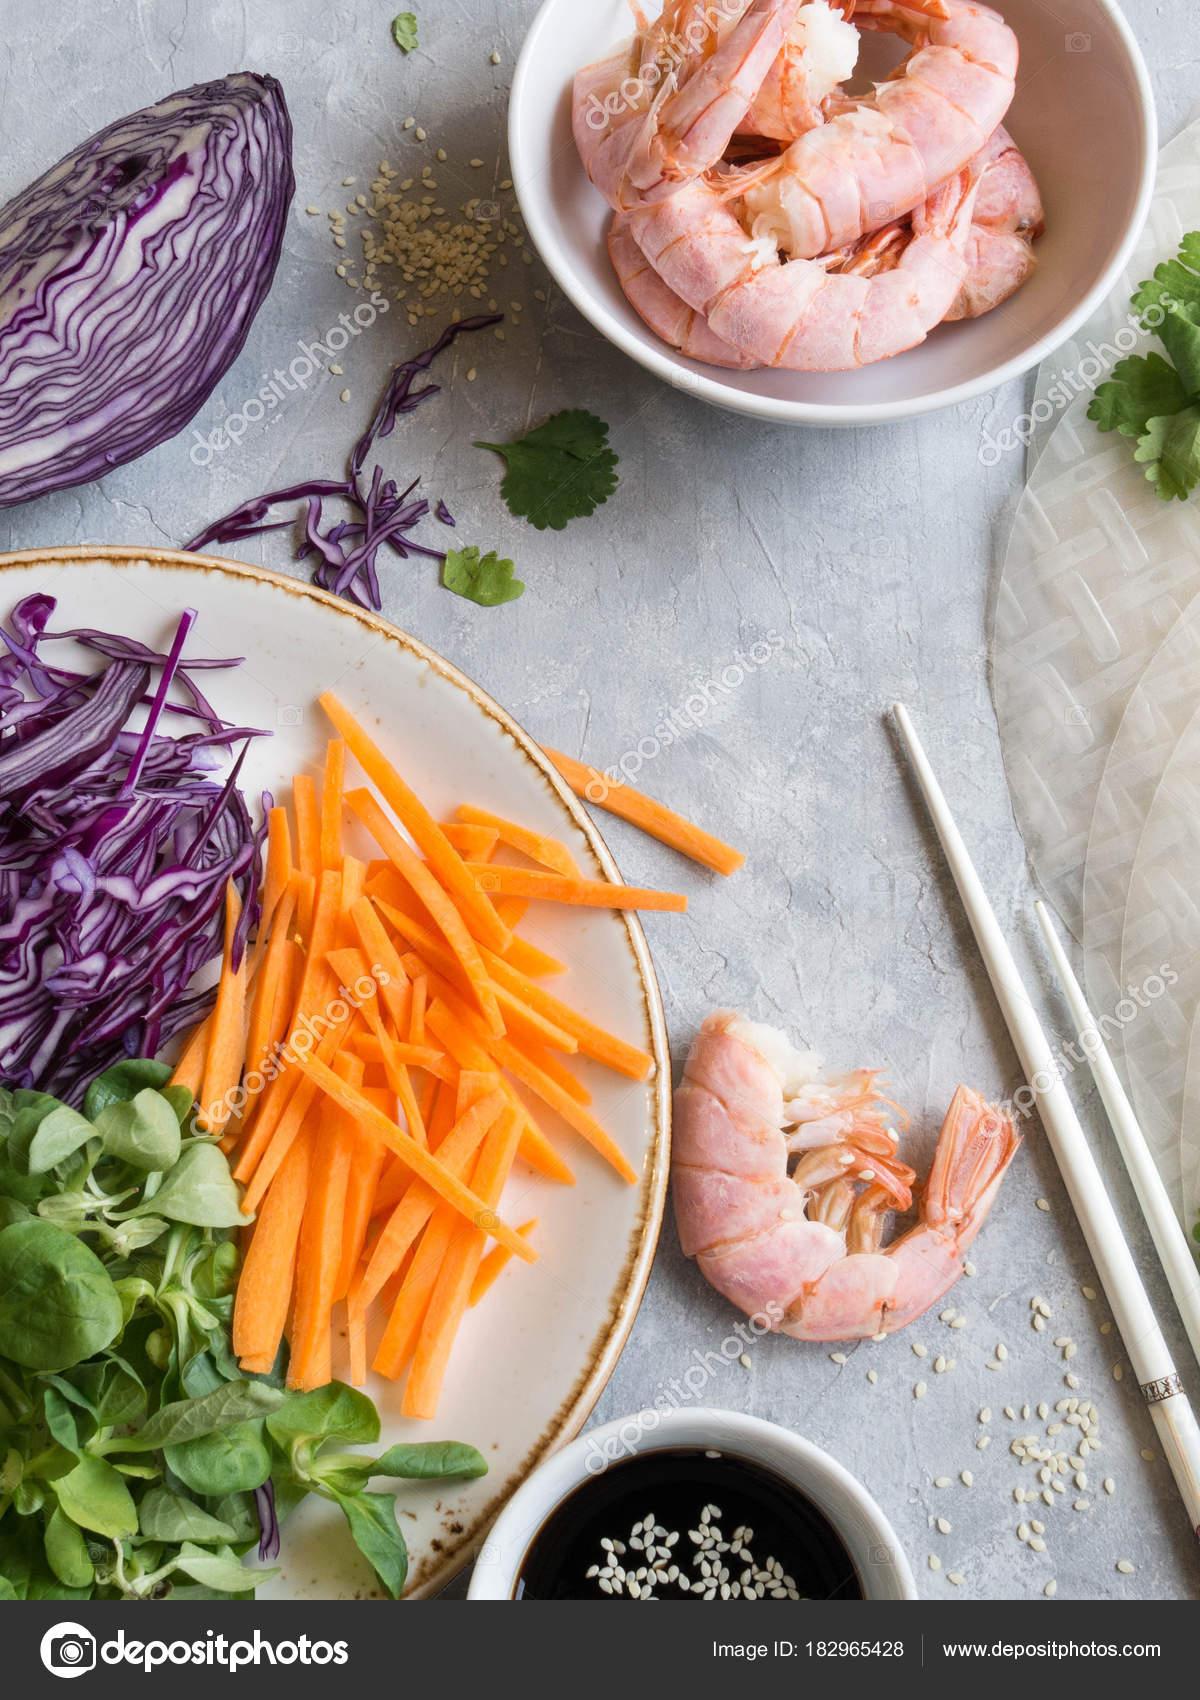 Ingredienti Cucinare Involtini Primavera Carote Insalata Mais Cavolo